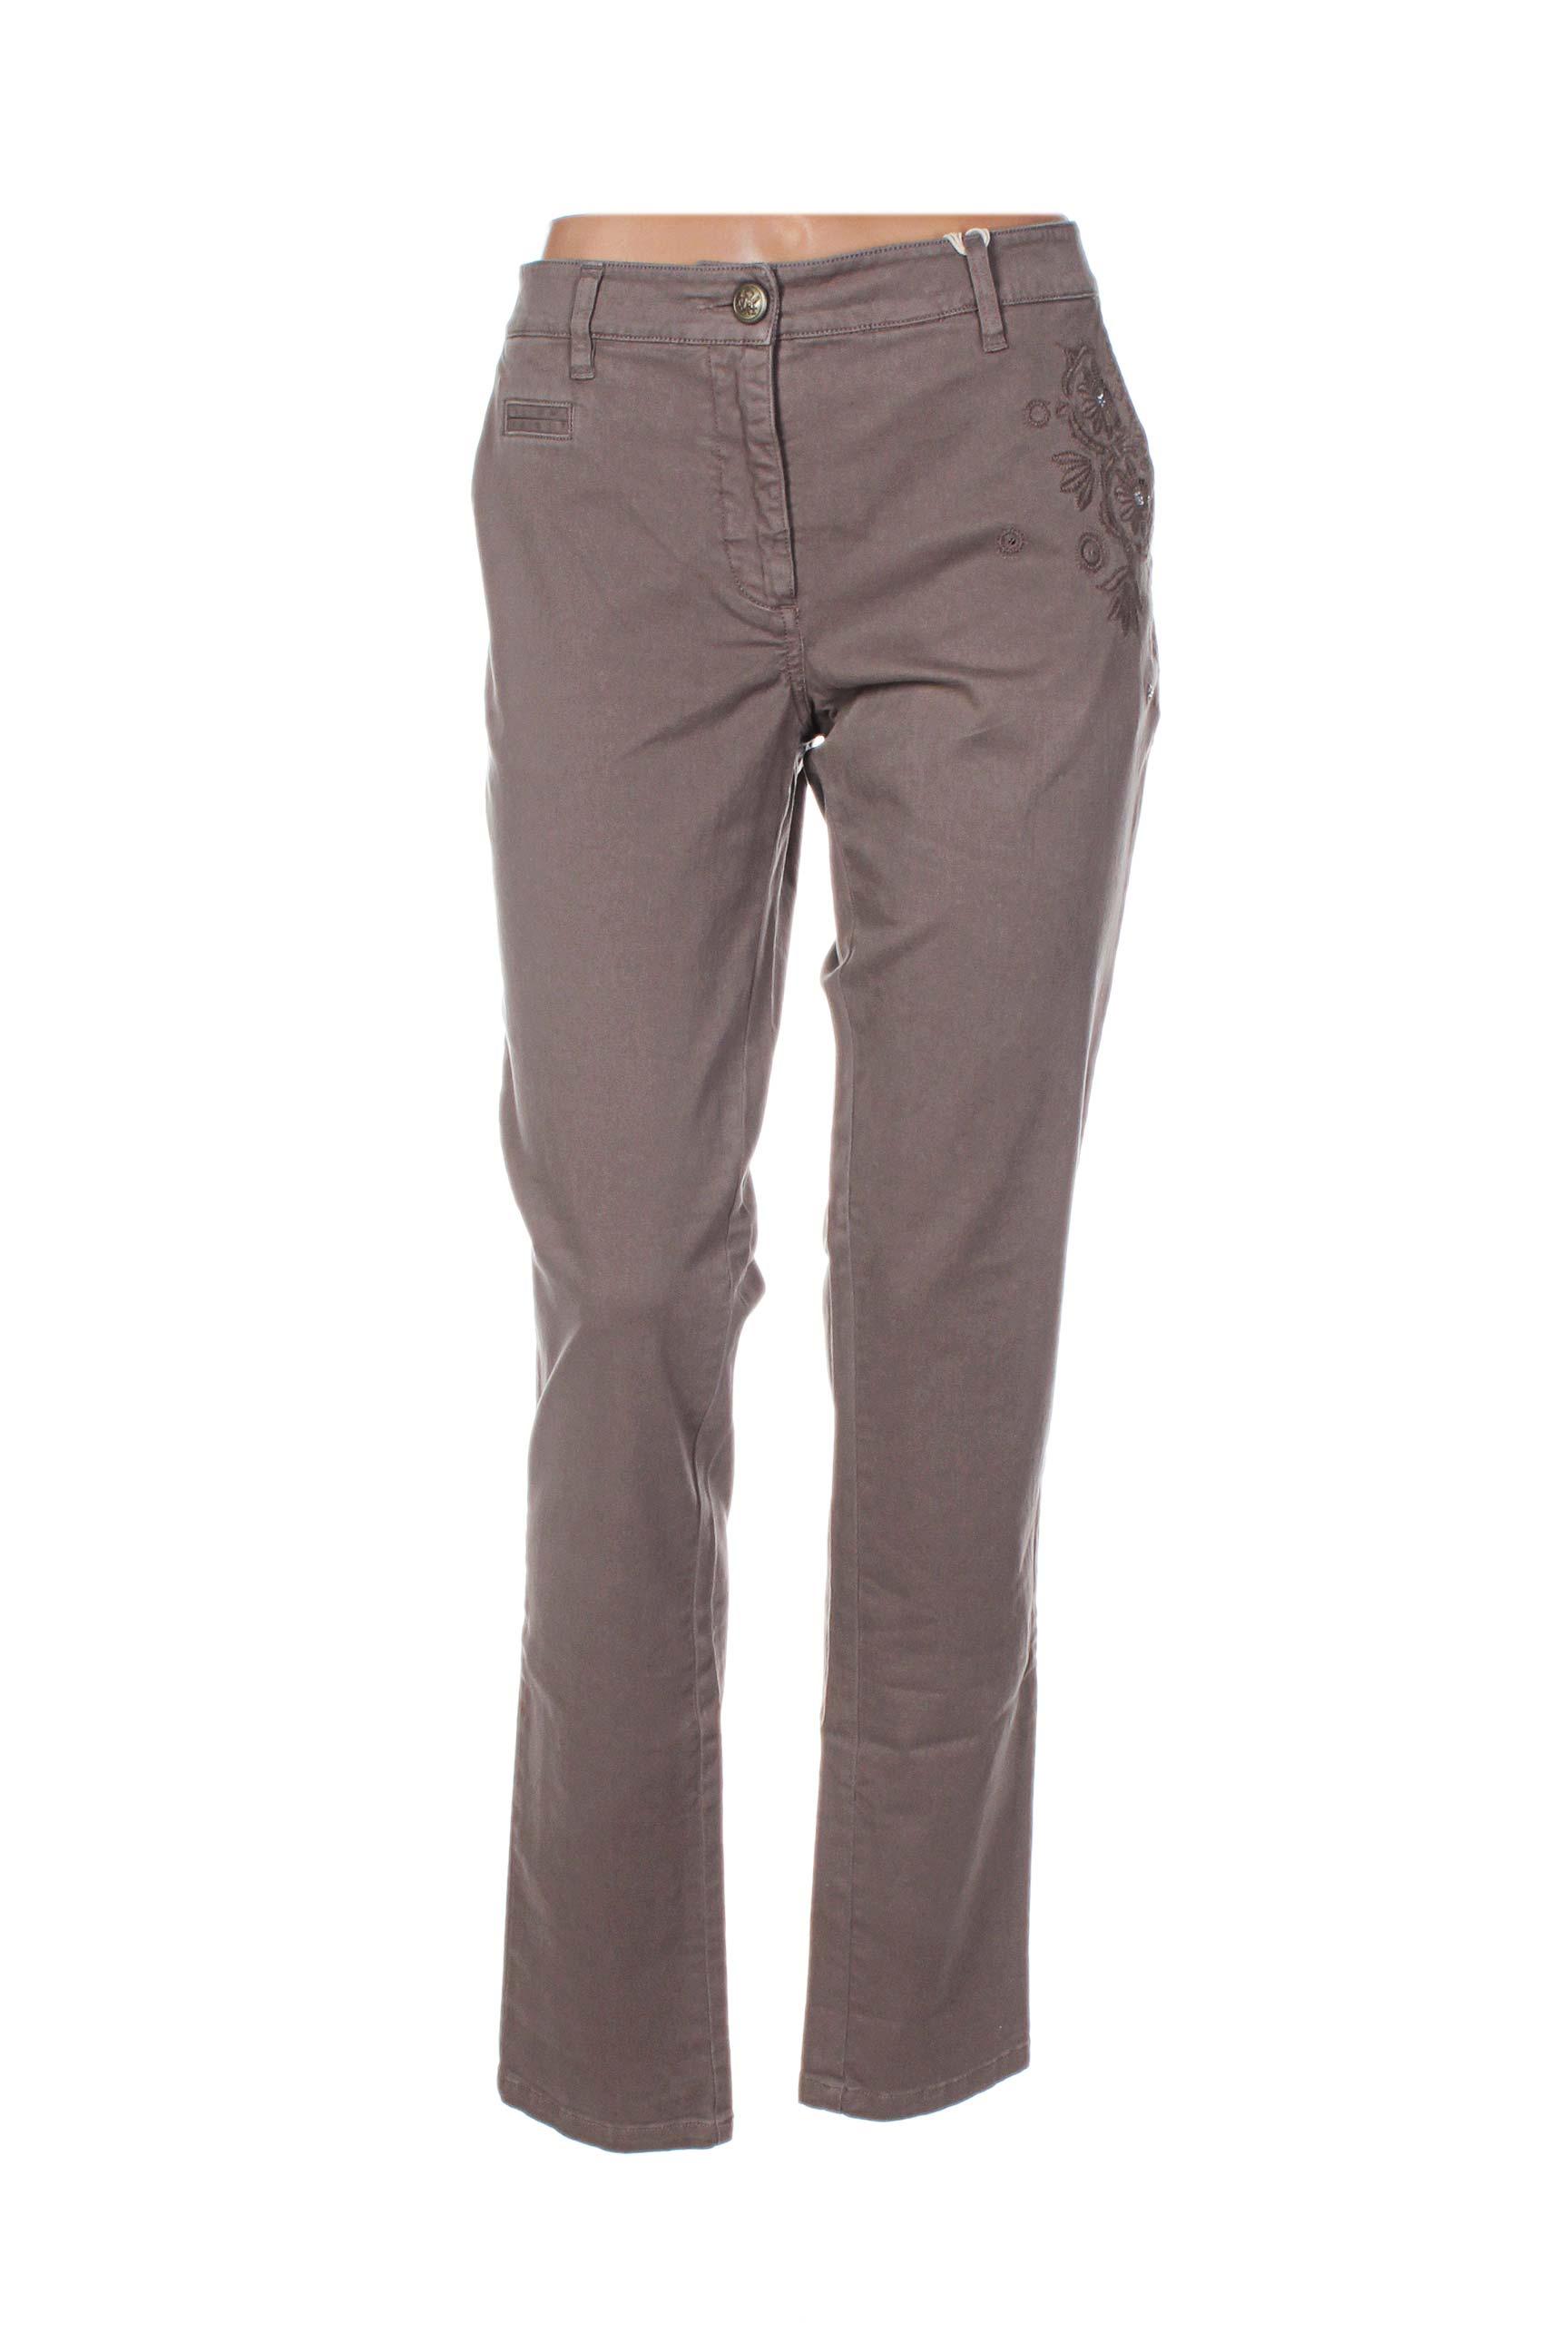 Pantalon casual femme R95th marron taille : 42 11 FR (FR)